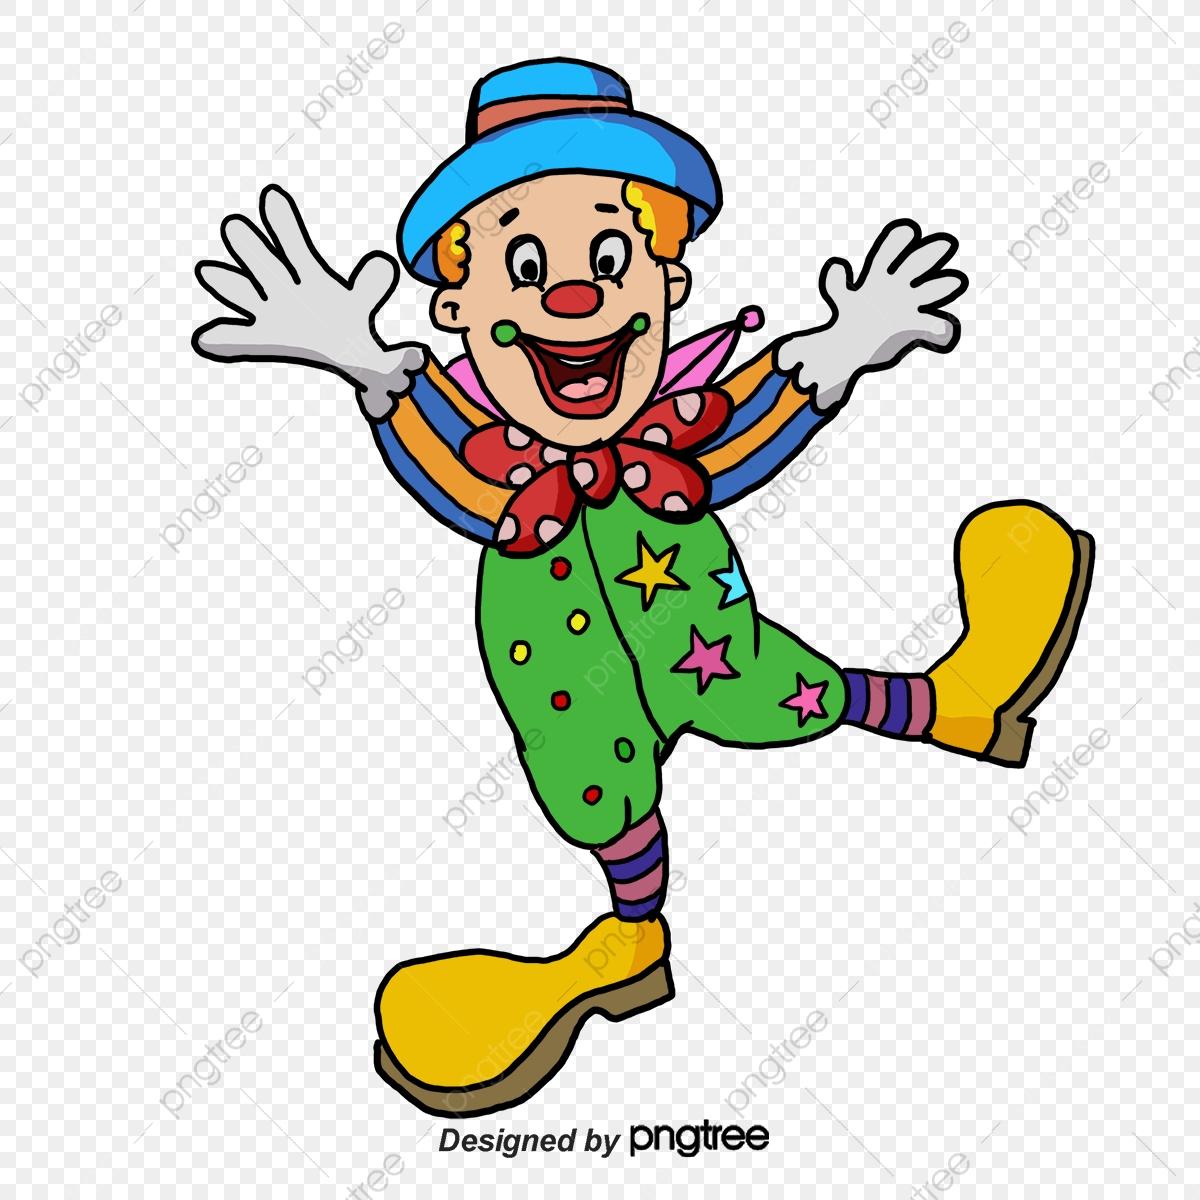 Dessin De Clown, Dessin, Clown, La Joie Fichier Png Et Psd avec Dessin De Clown En Couleur